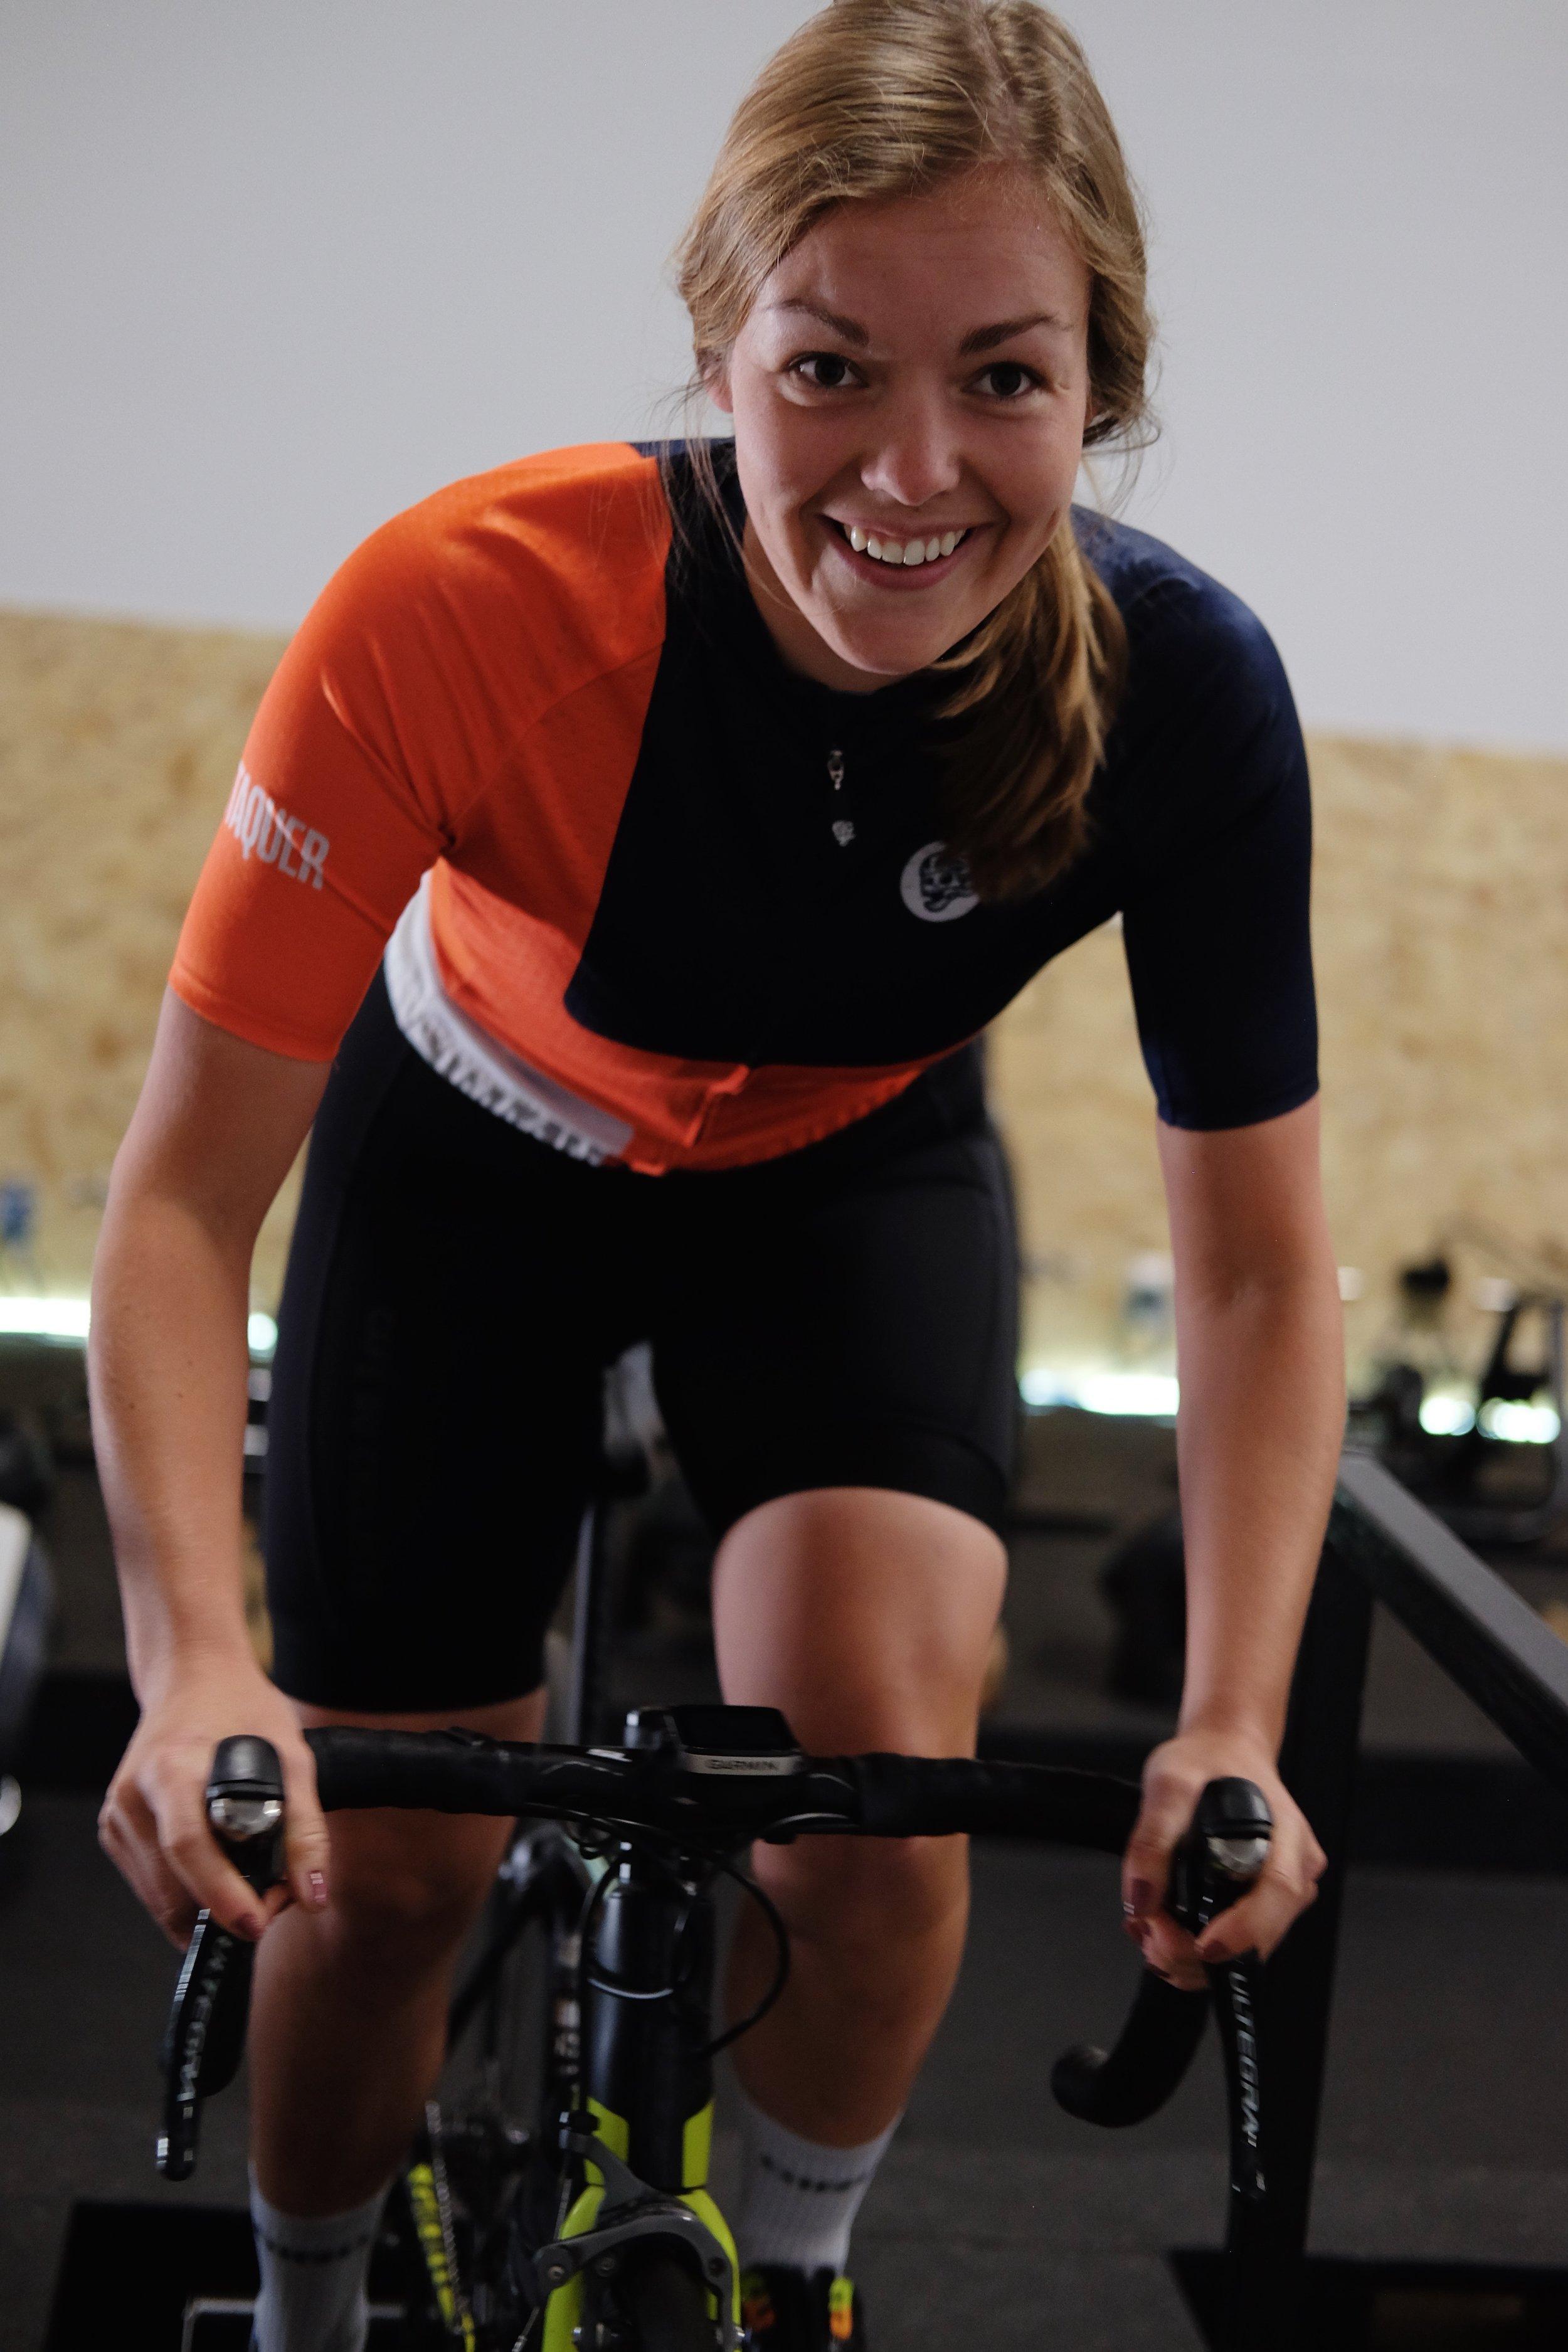 Sabrina Martin   Une vraie passionnée de sport plein-air; de raquette, d'escalade, de randonnée et de vélo, Sabrina est la source d'énergie de l'équipe. Toujours prête pour une sortie à vélo, elle sera une source de motivation importante lors des moments plus difficiles.    Strava       Instagram